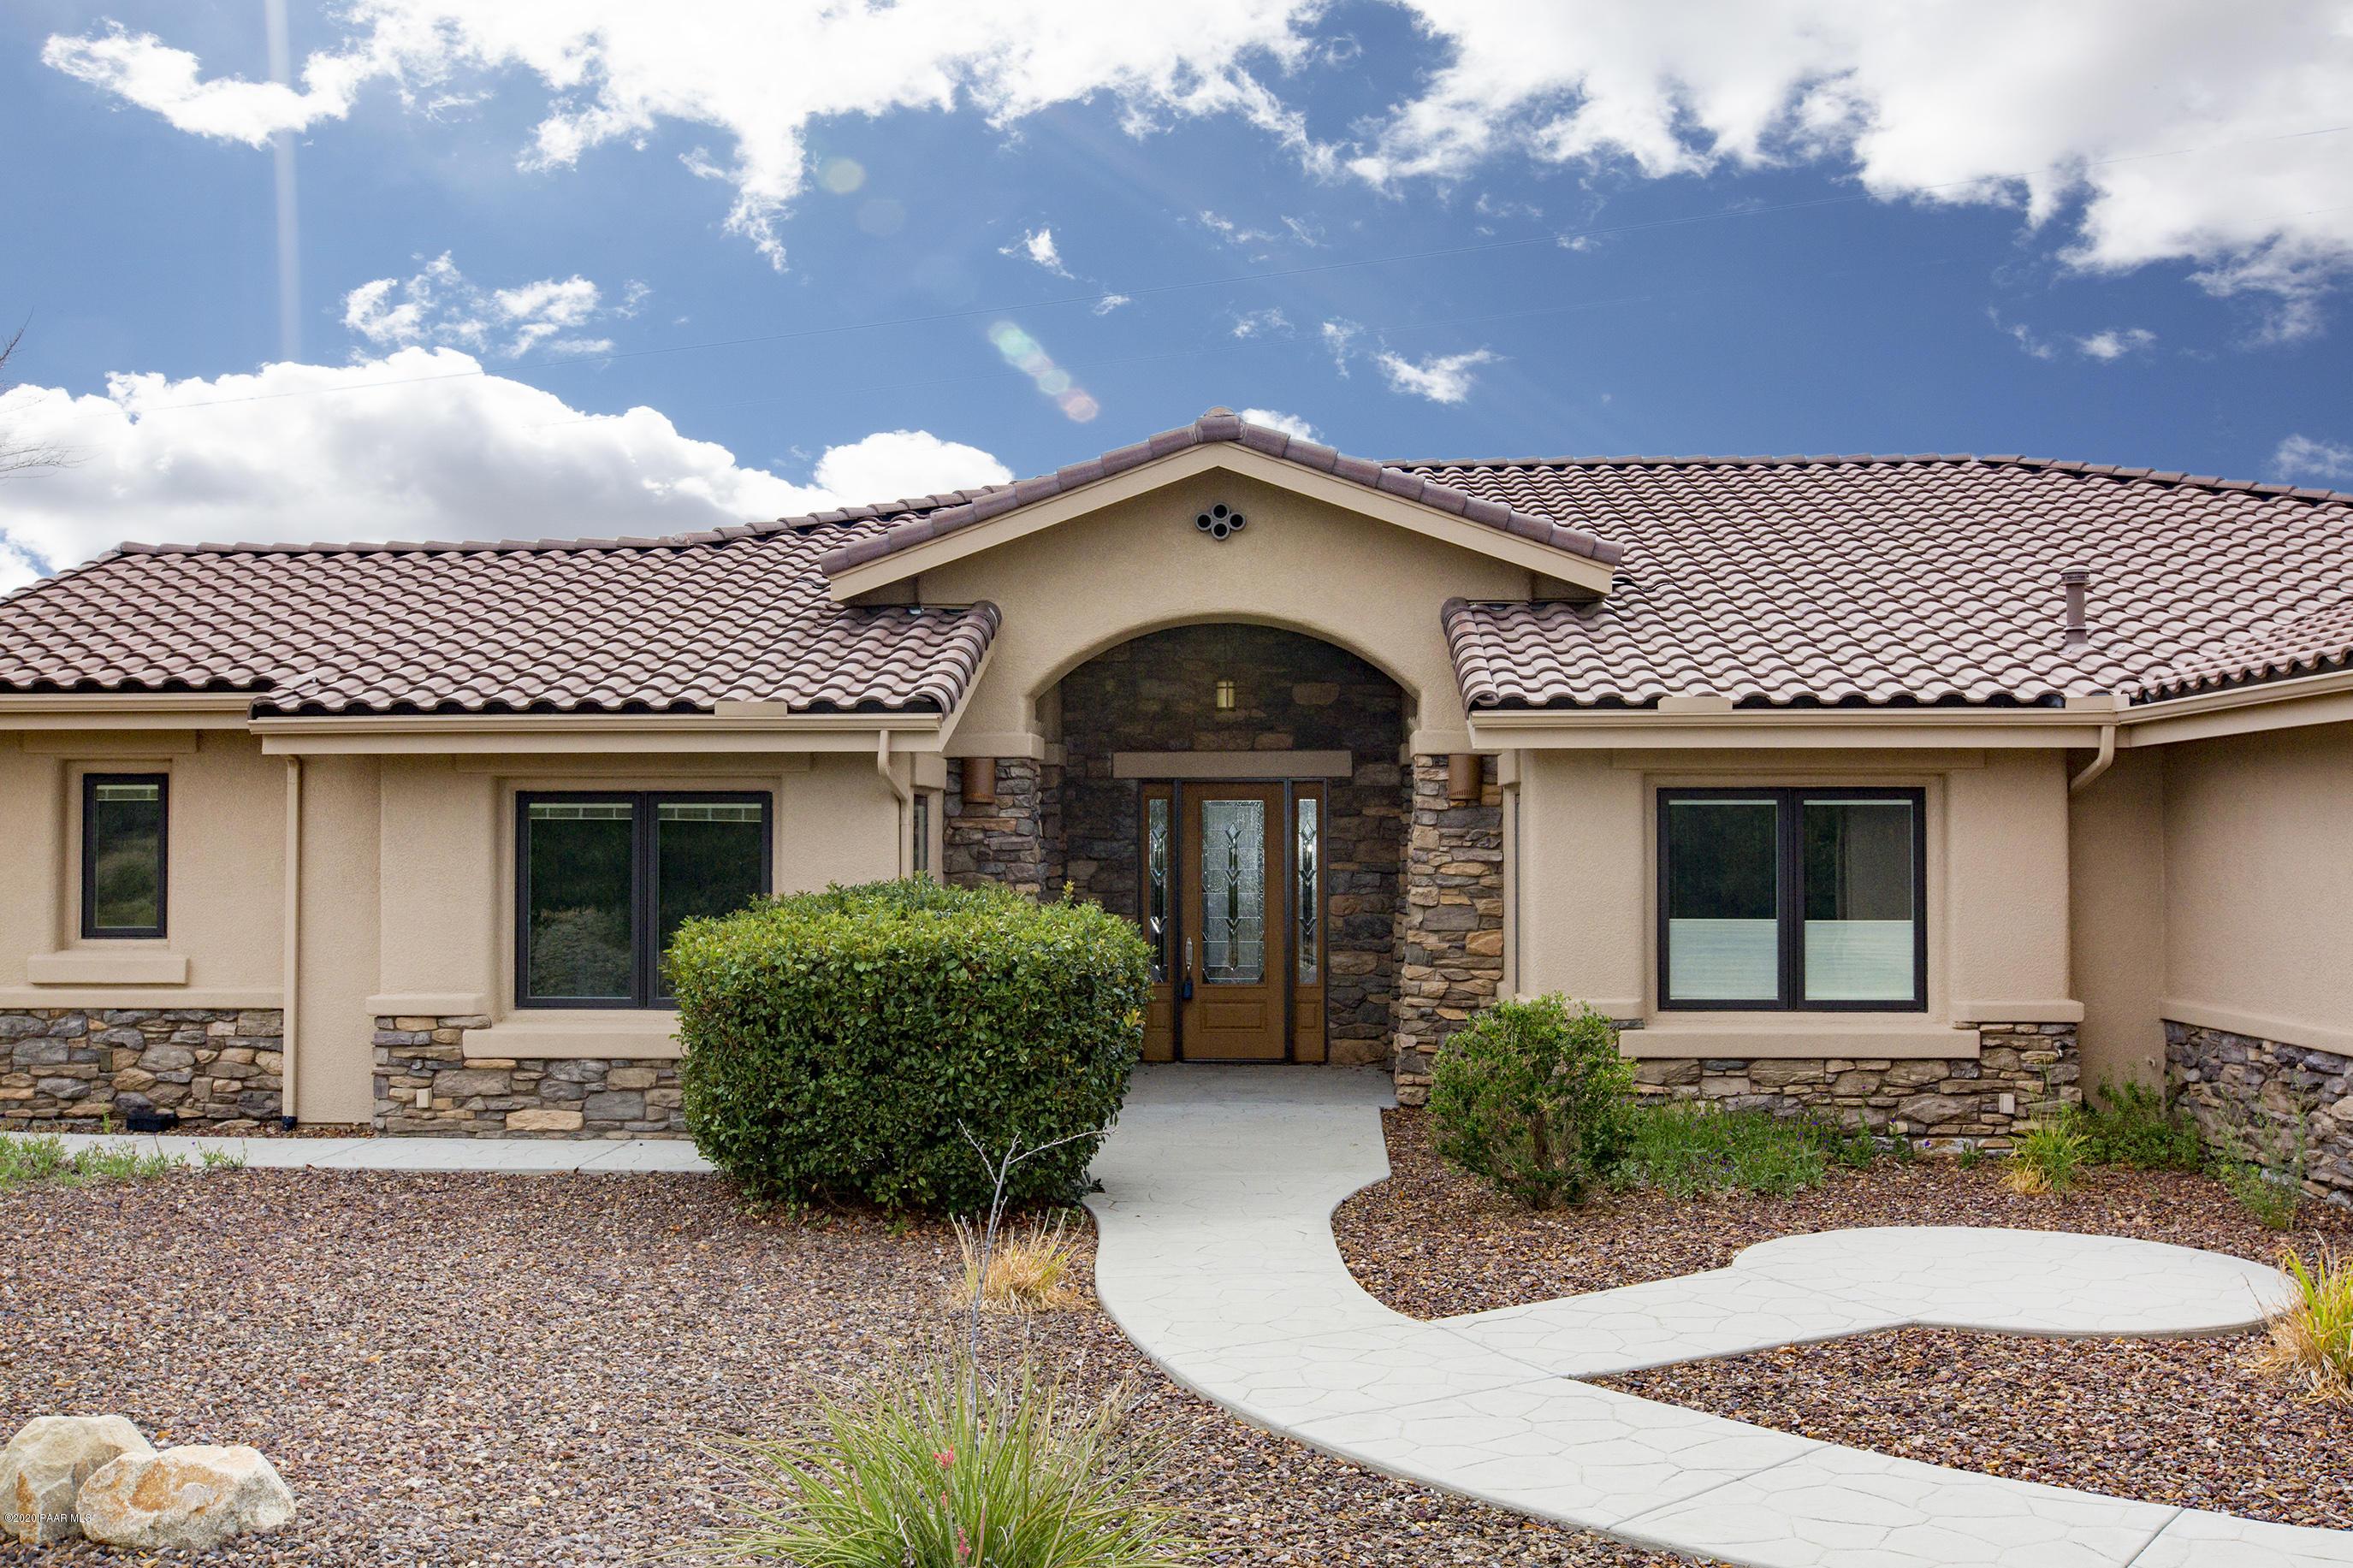 Photo of 5575 Cameo, Prescott, AZ 86305